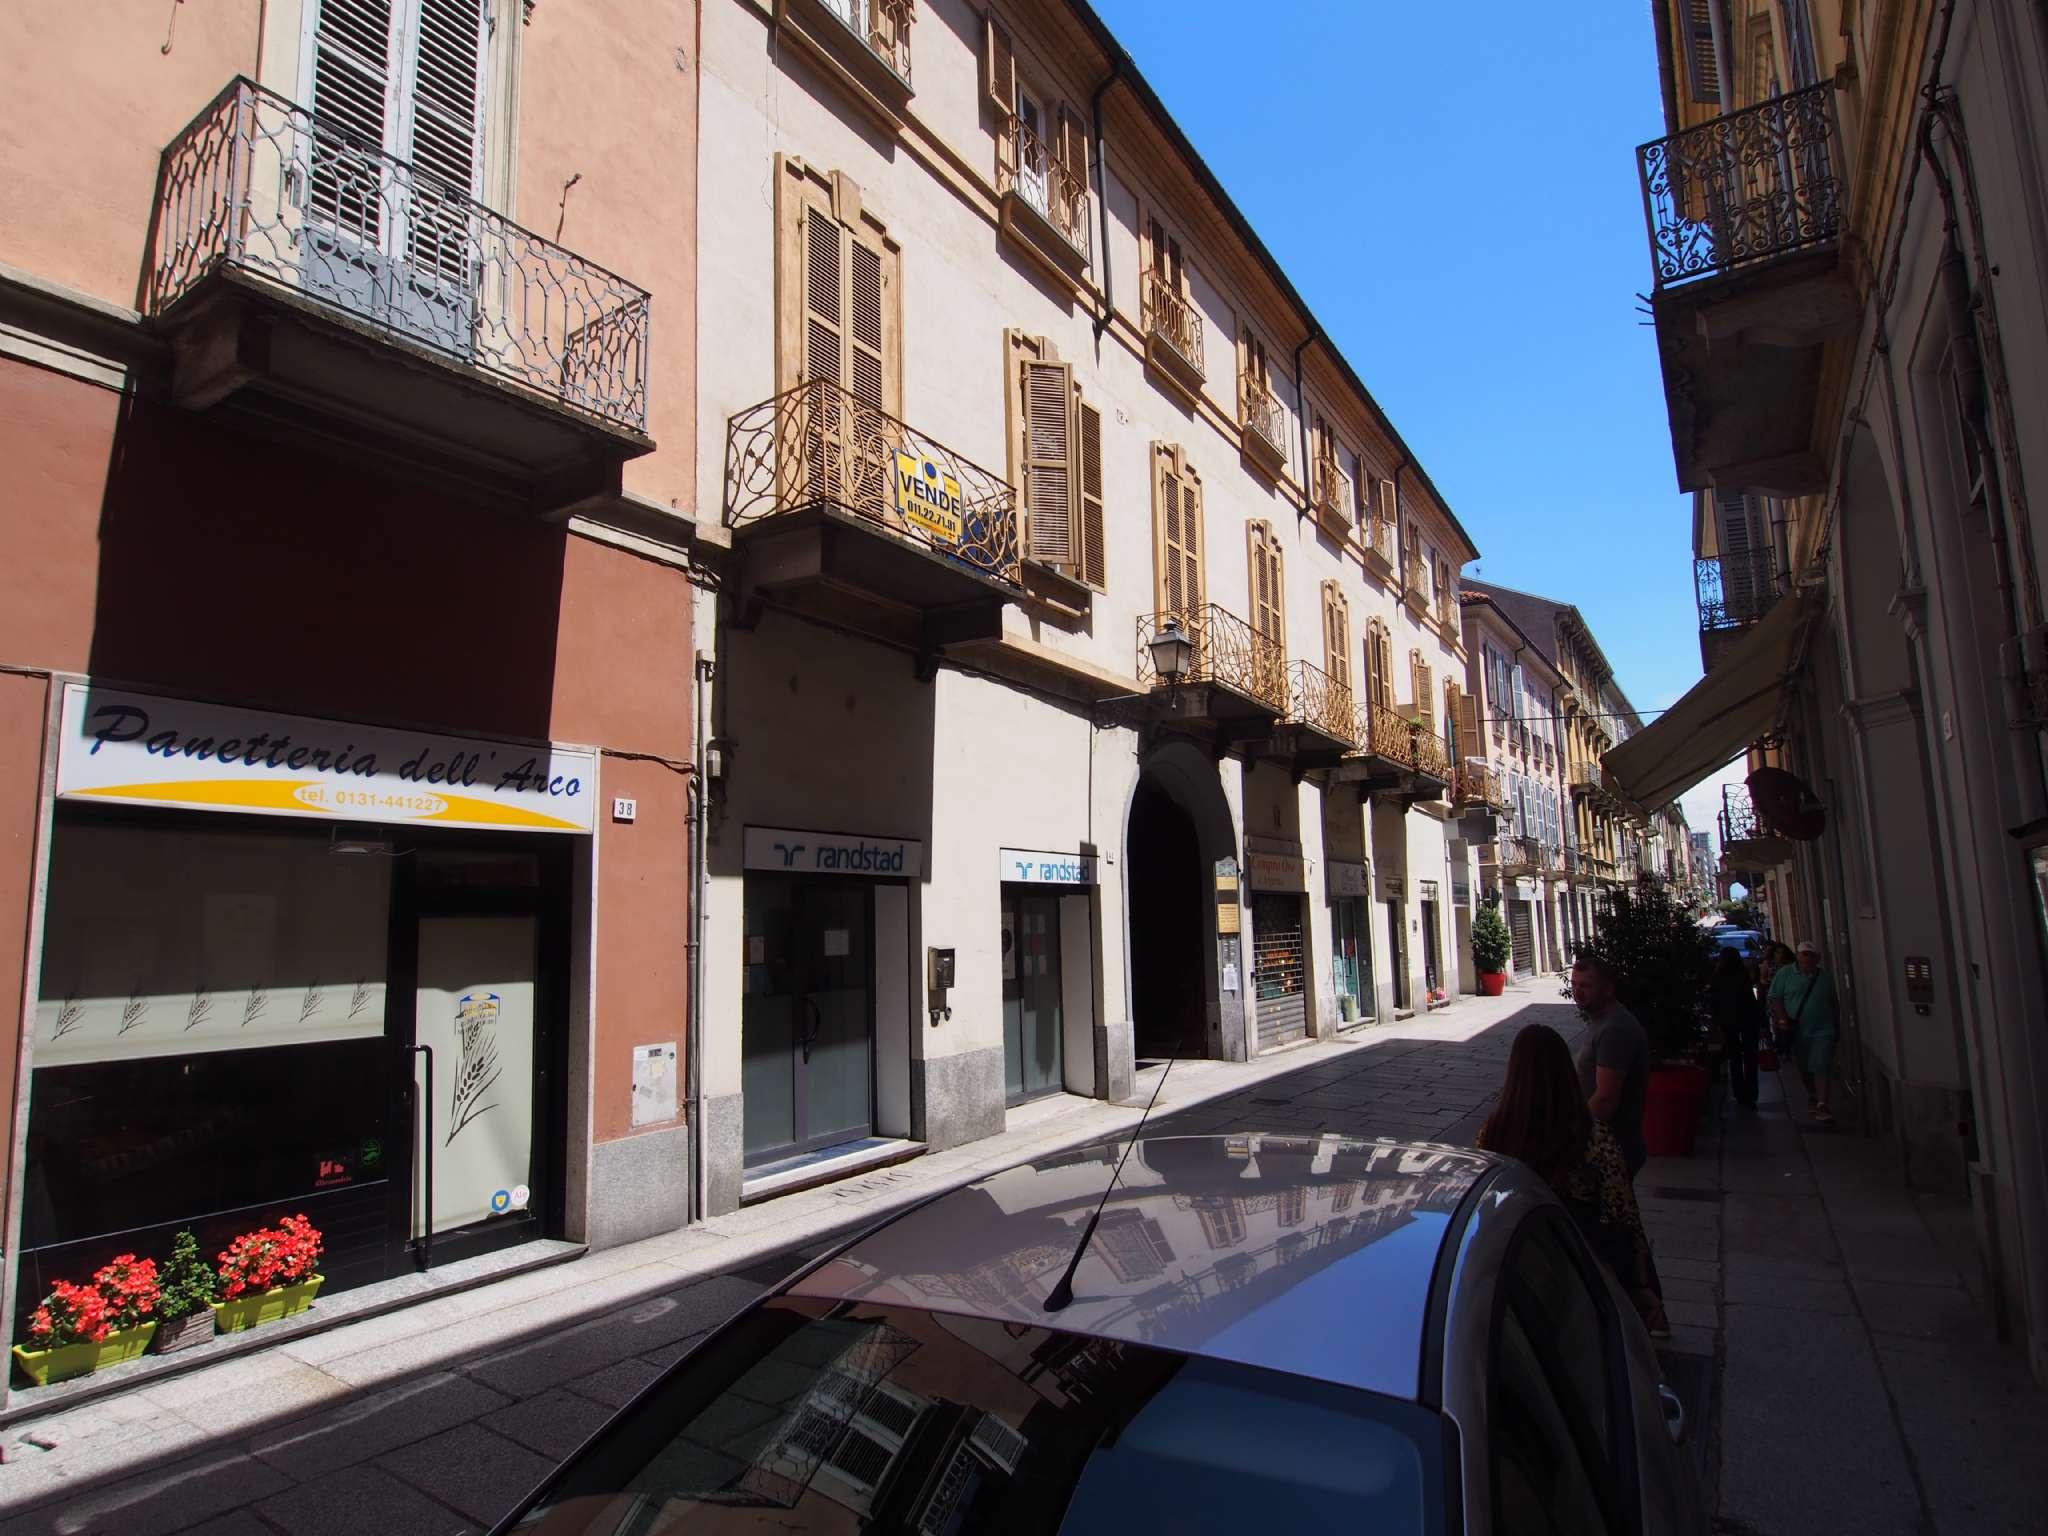 Ufficio / Studio in vendita a Alessandria, 4 locali, prezzo € 140.000 | PortaleAgenzieImmobiliari.it